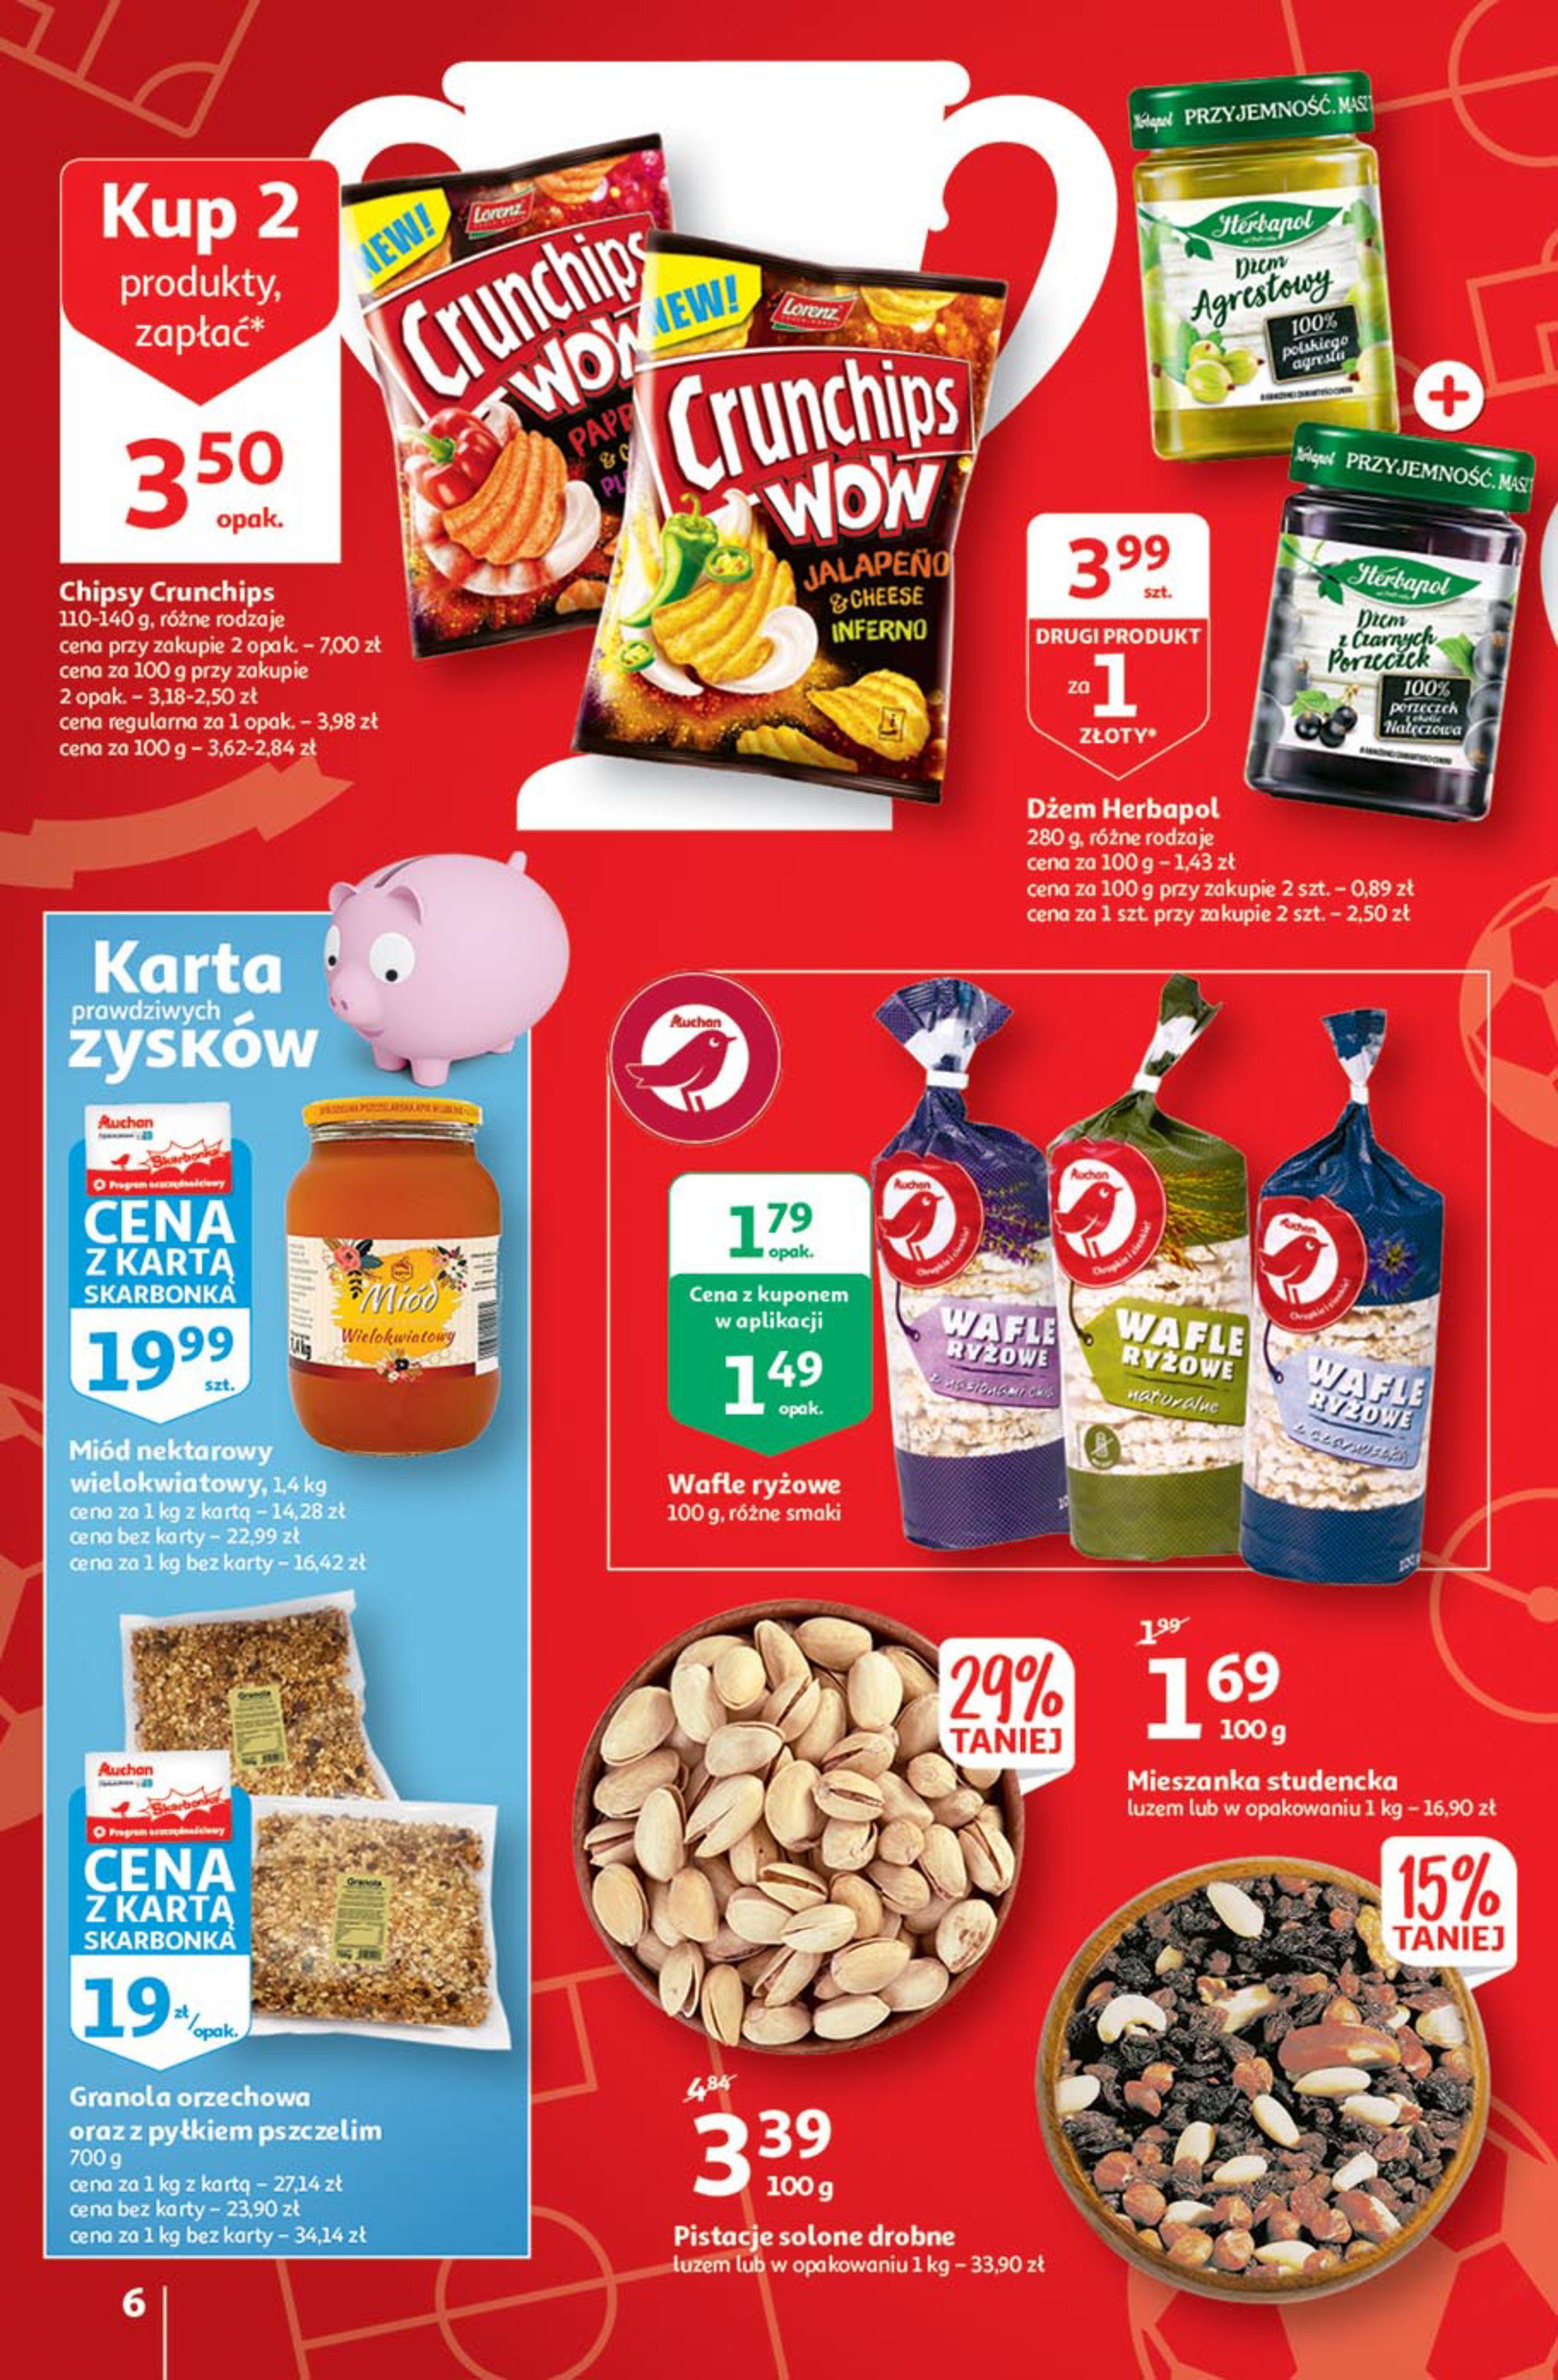 Gazetka Auchan: Gazetka Auchan - Euro 2020 2021-06-10 page-6